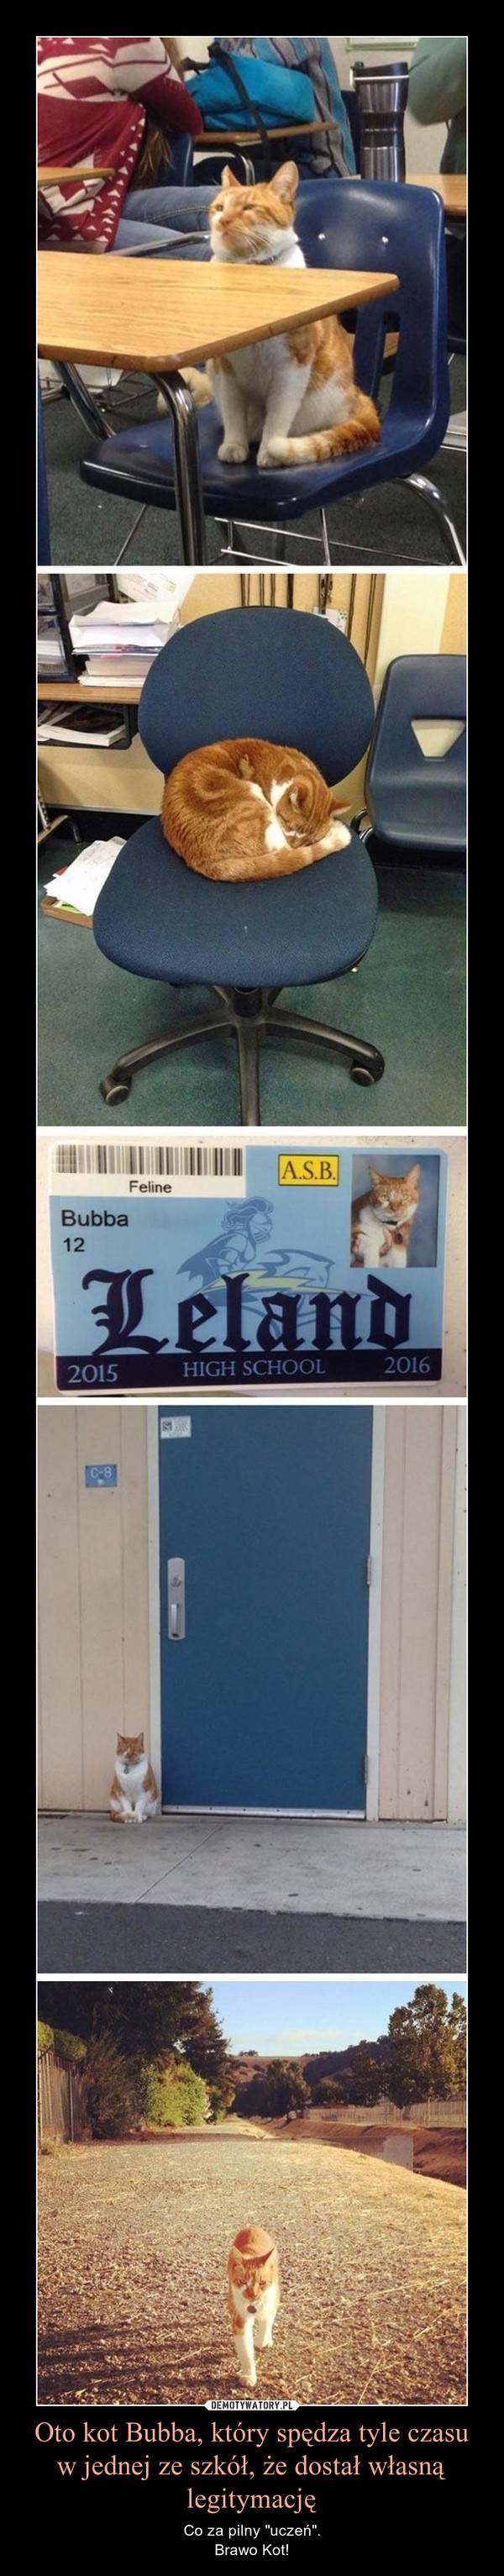 """Oto kot Bubba, który spędza tyle czasu w jednej ze szkół, że dostał własną legitymację – Co za pilny """"uczeń"""".Brawo Kot!"""